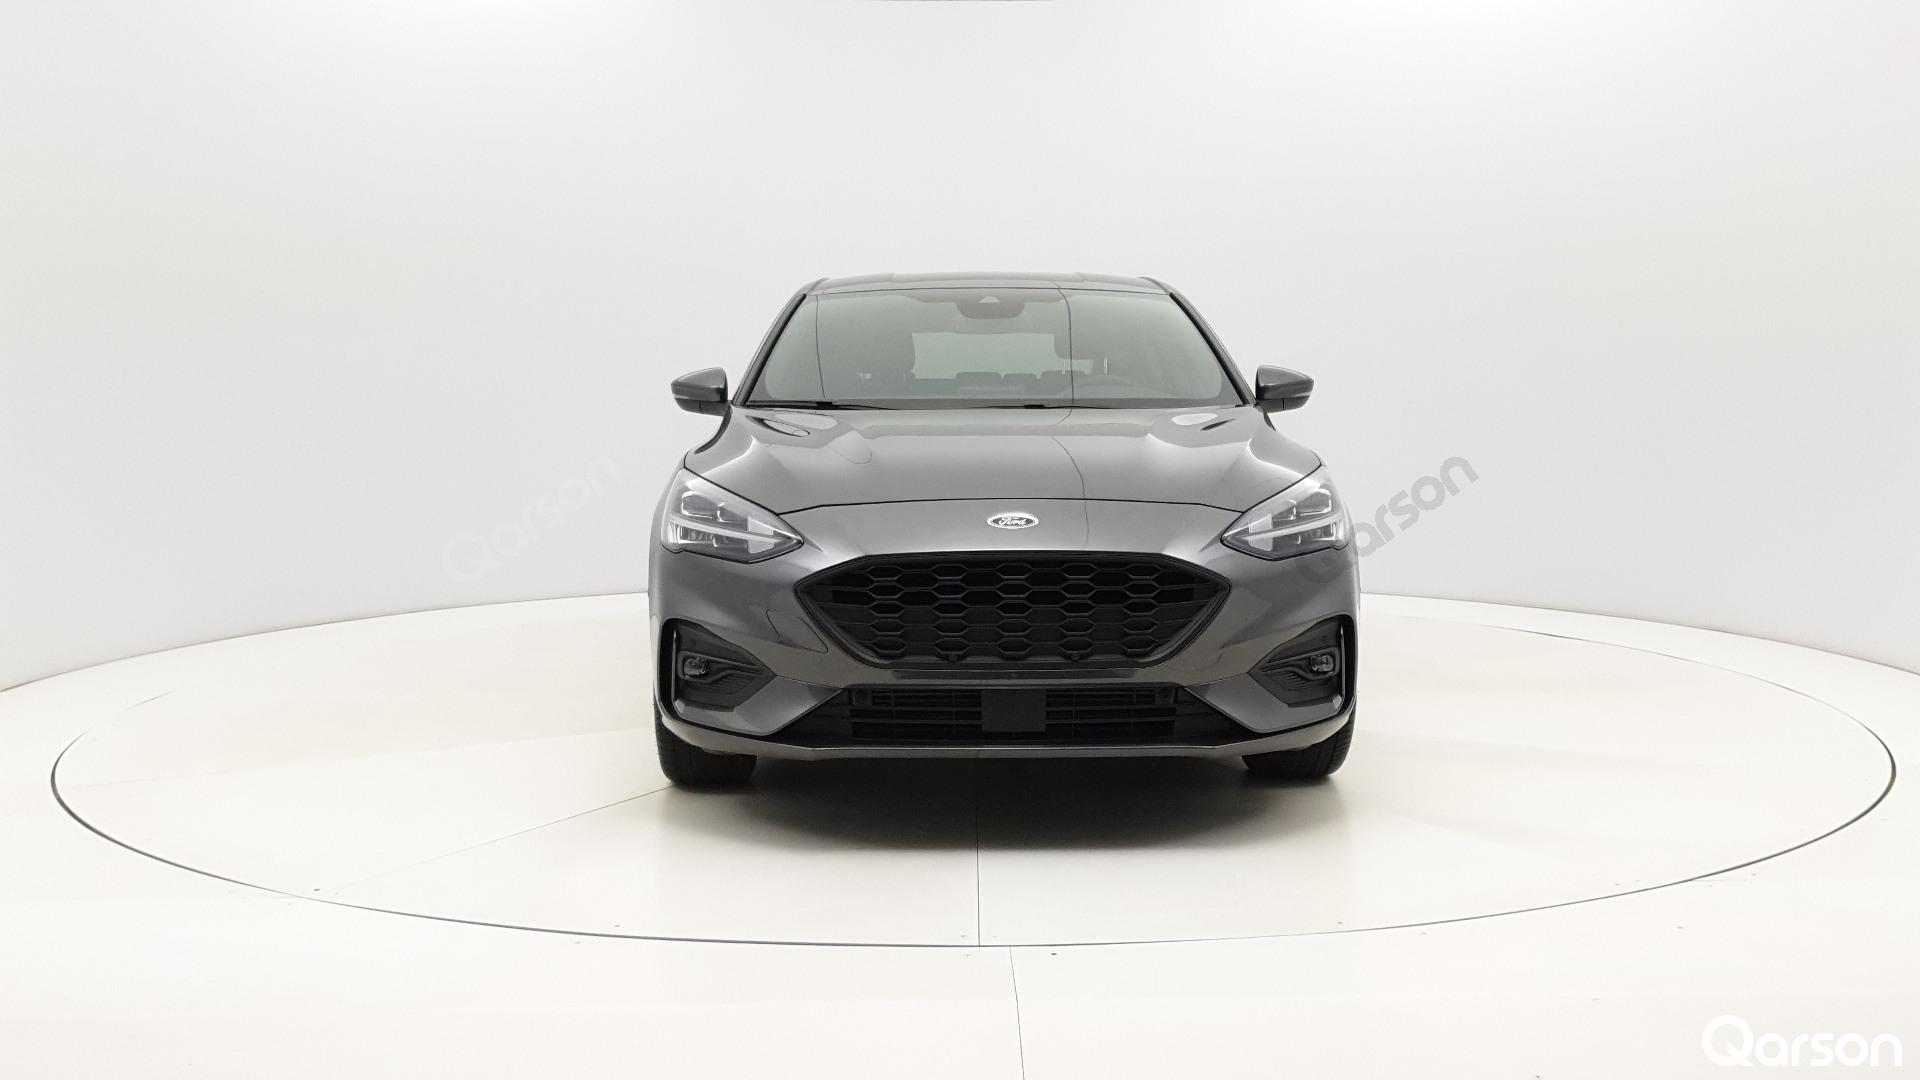 Ford Focus 5D Widok przodu samochodu